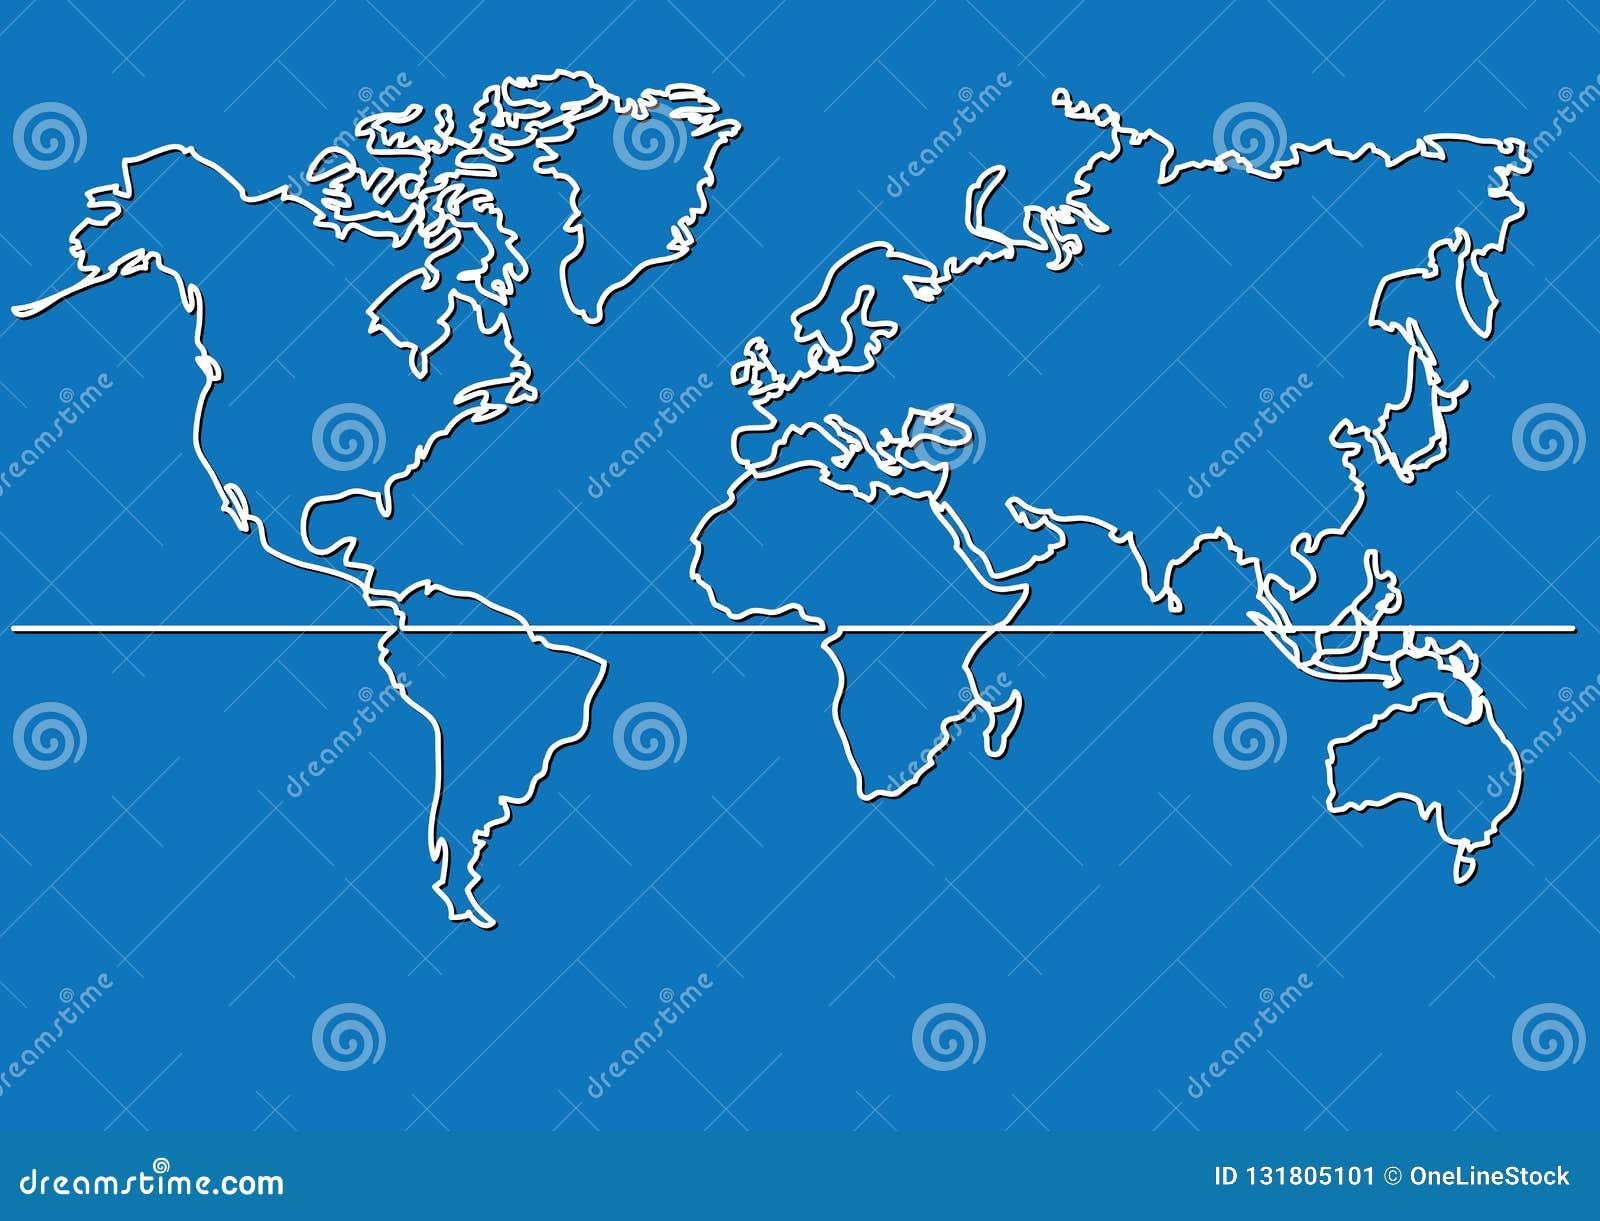 Dibujo Mapa Del Mundo Continentes.Dibujo Lineal Continuo Mapa Del Mapa Del Mundo Ilustracion